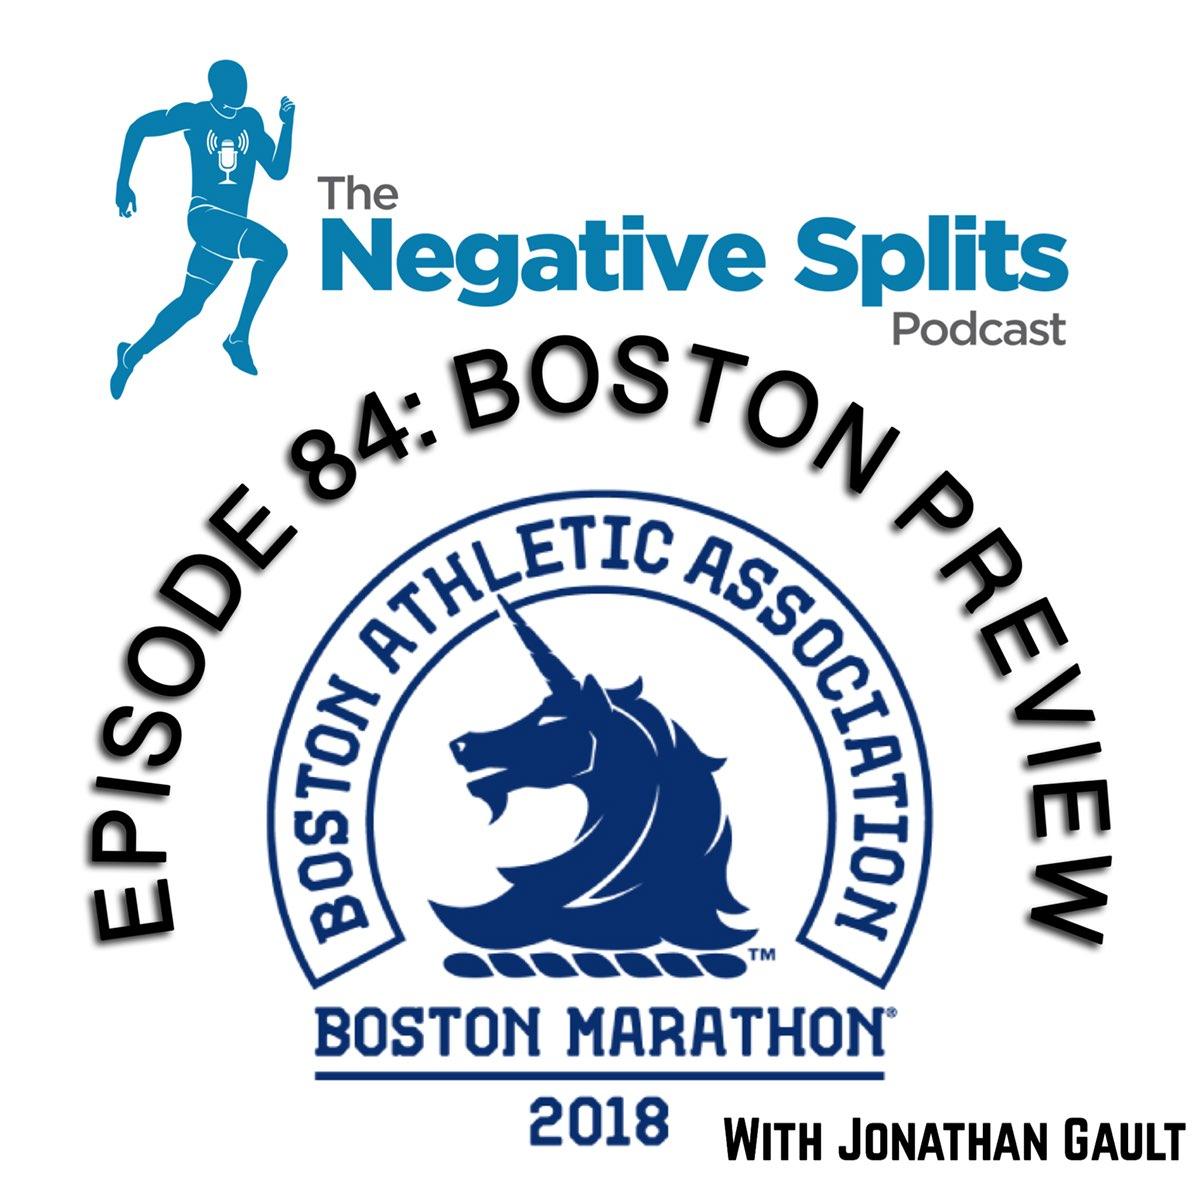 The Negative Splits Podcast | Podbay